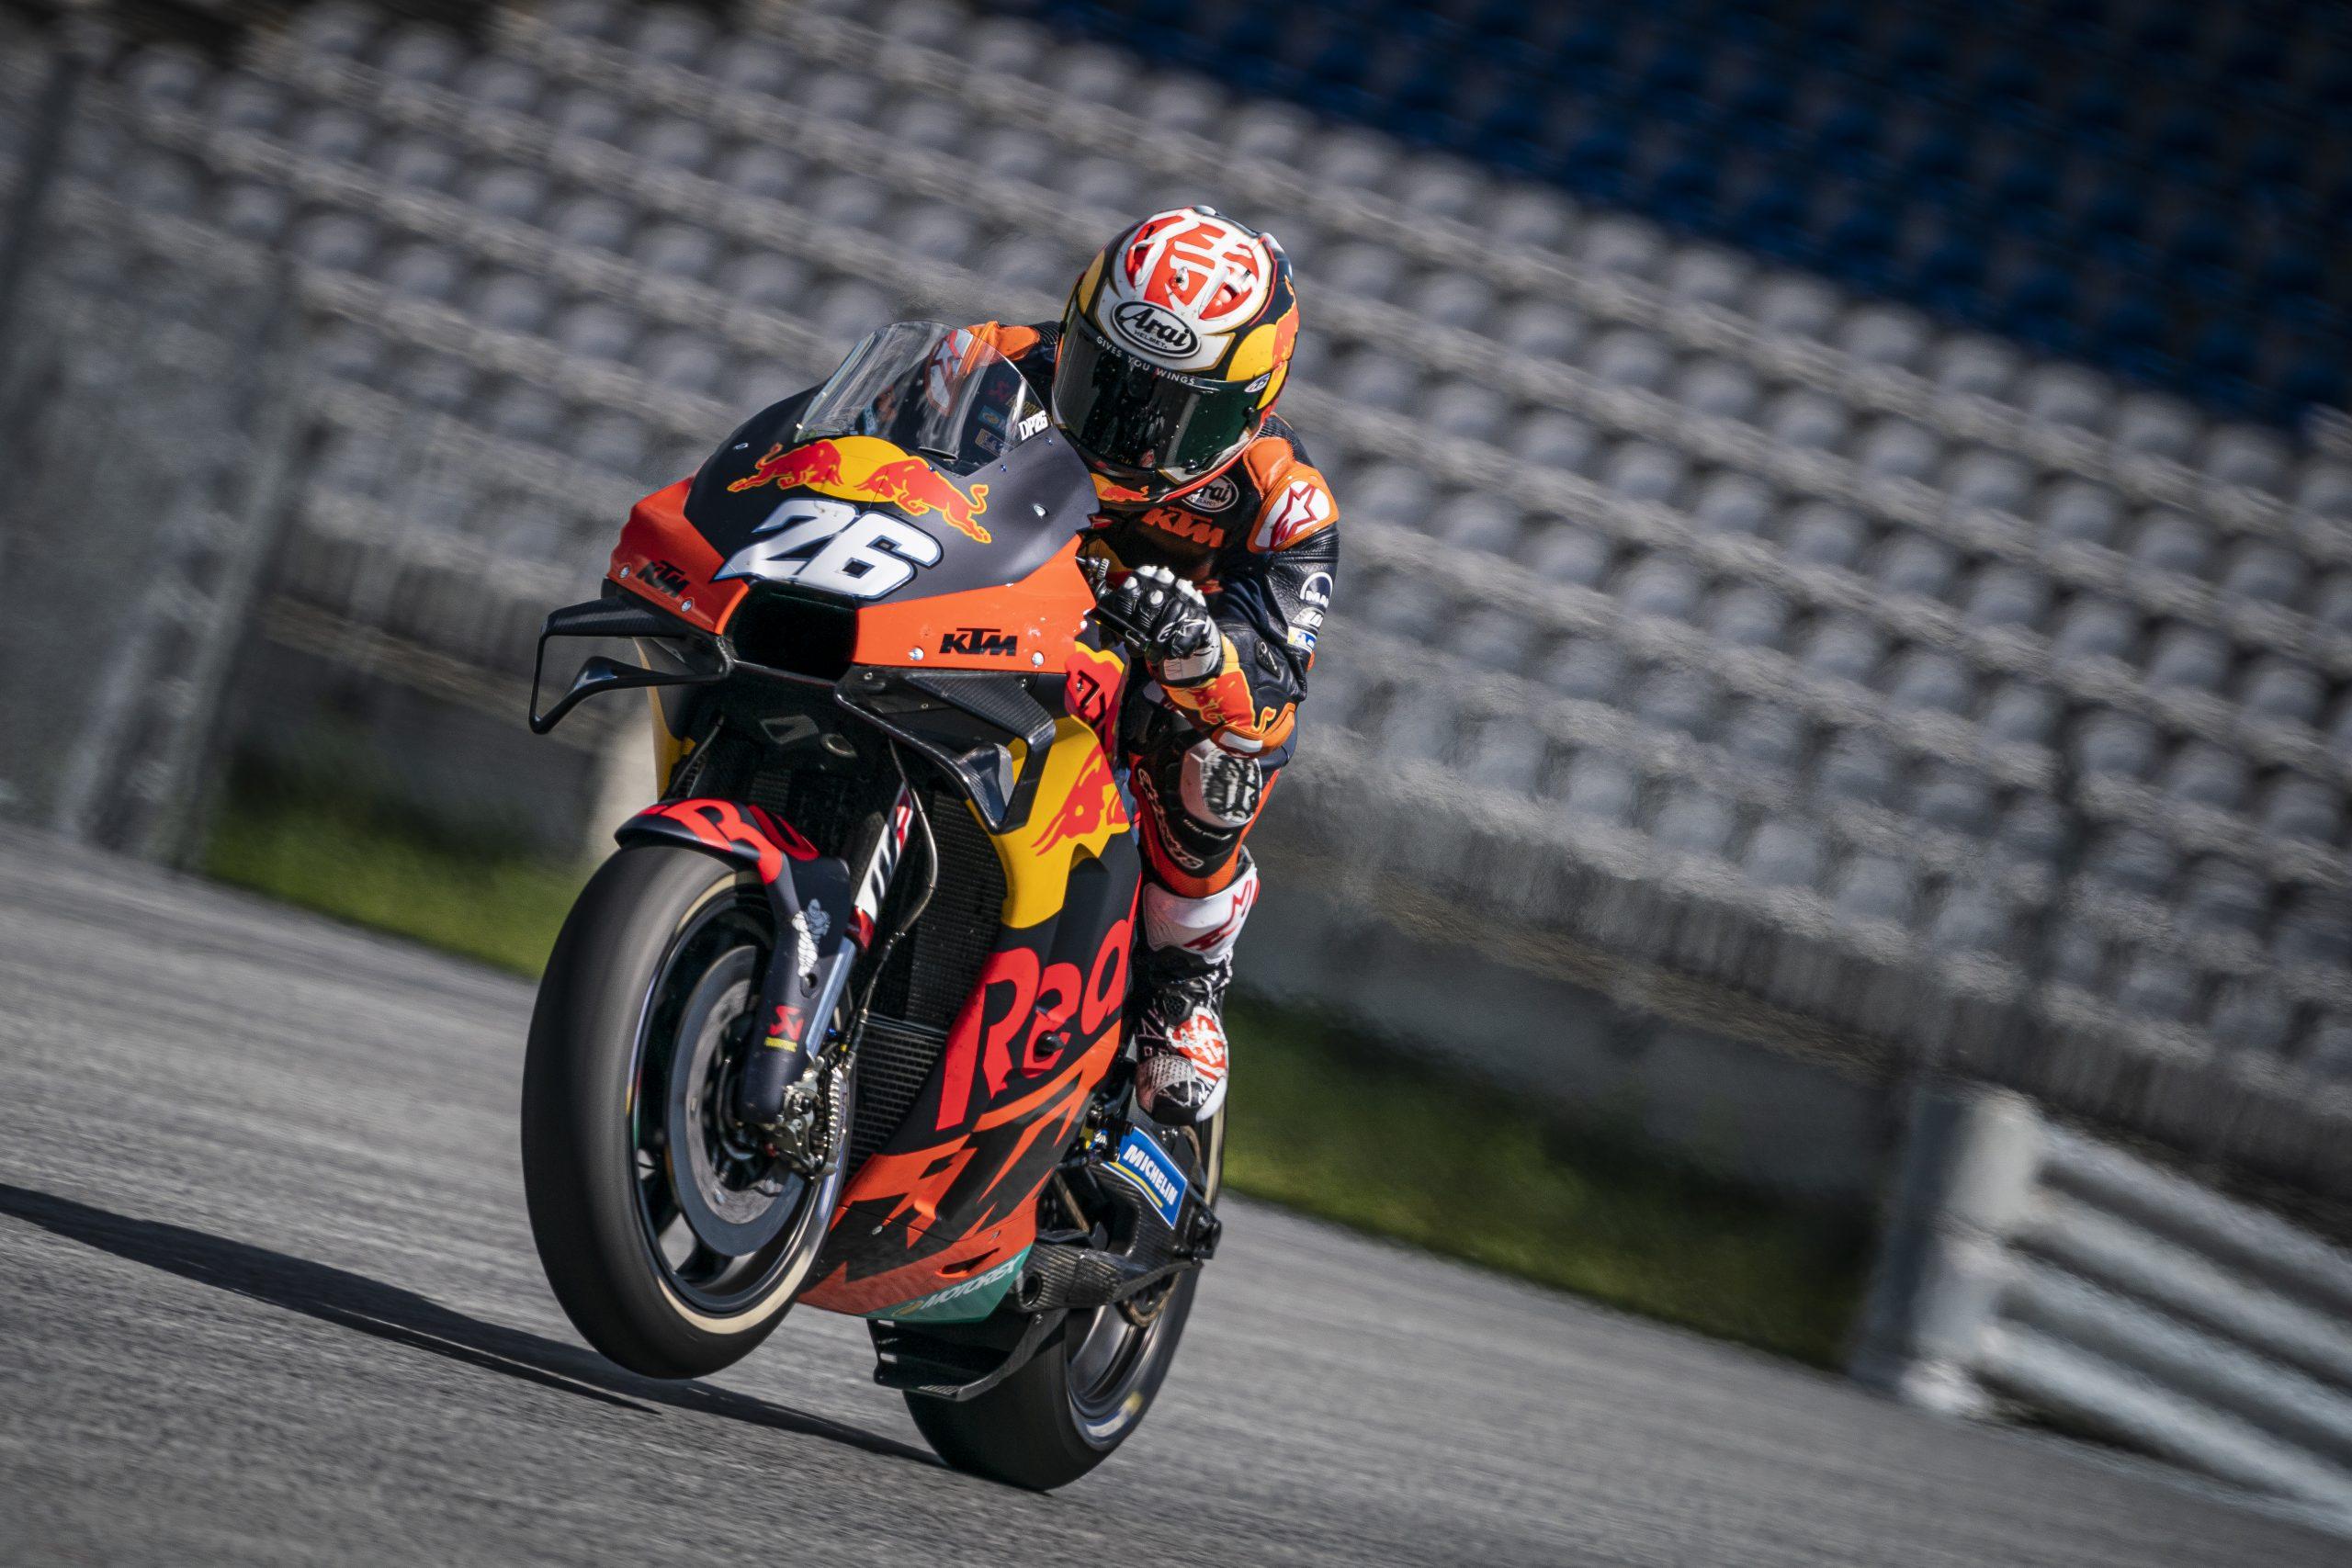 Dani Pedrosa testujący motocykl KTM RC16 na torze Red Bull Ring w 2020 roku